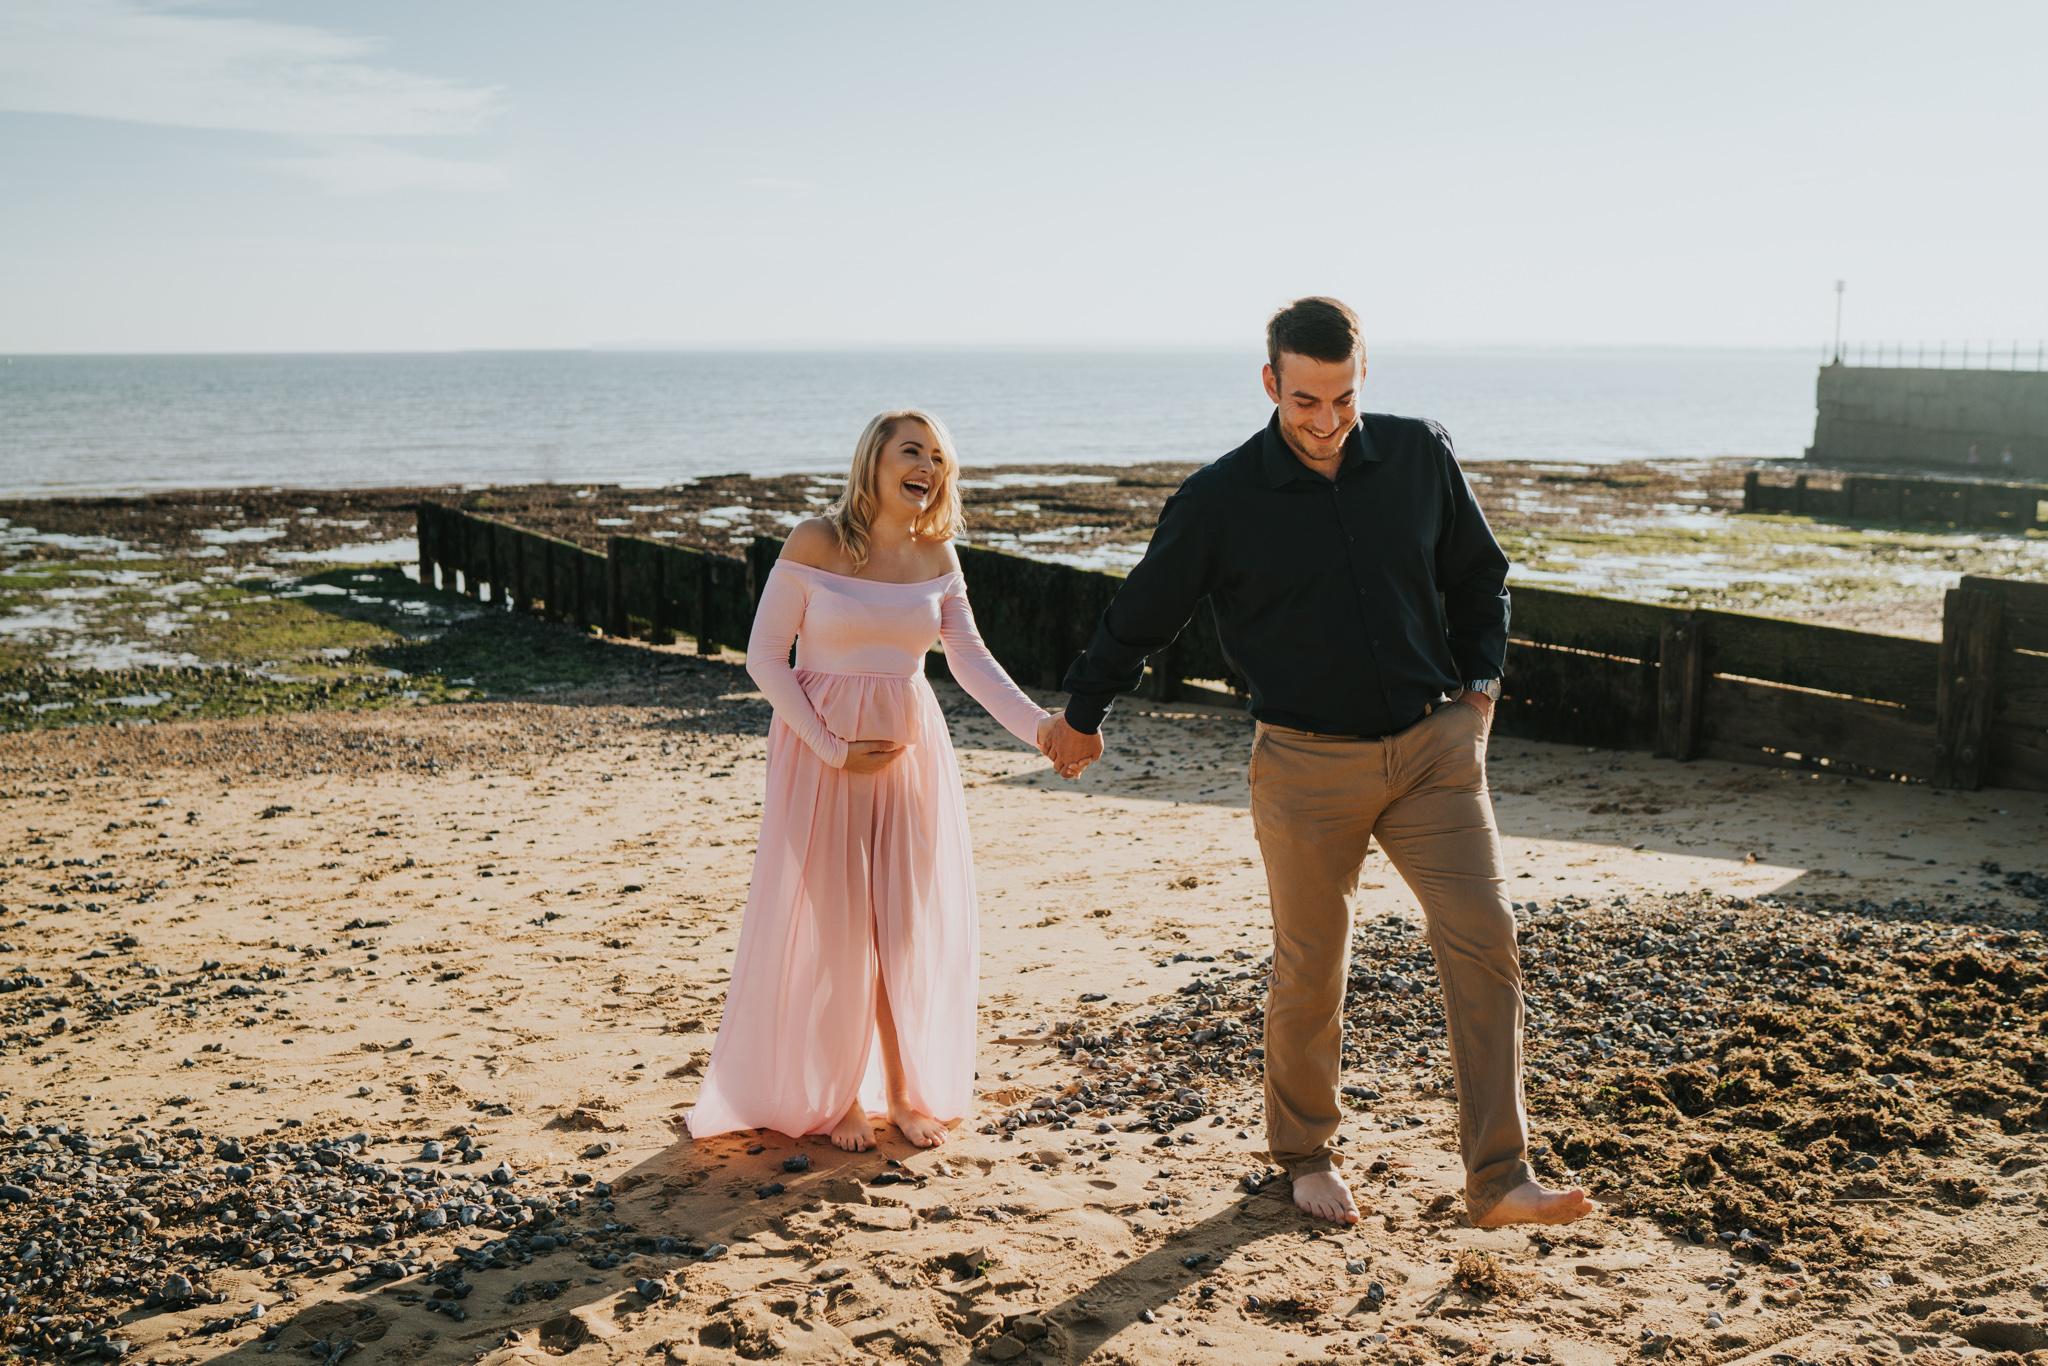 grace-elizabeth-essex-wedding-photographer-best-2018-highlights-norfolk-essex-devon-suffolk (80 of 100).jpg